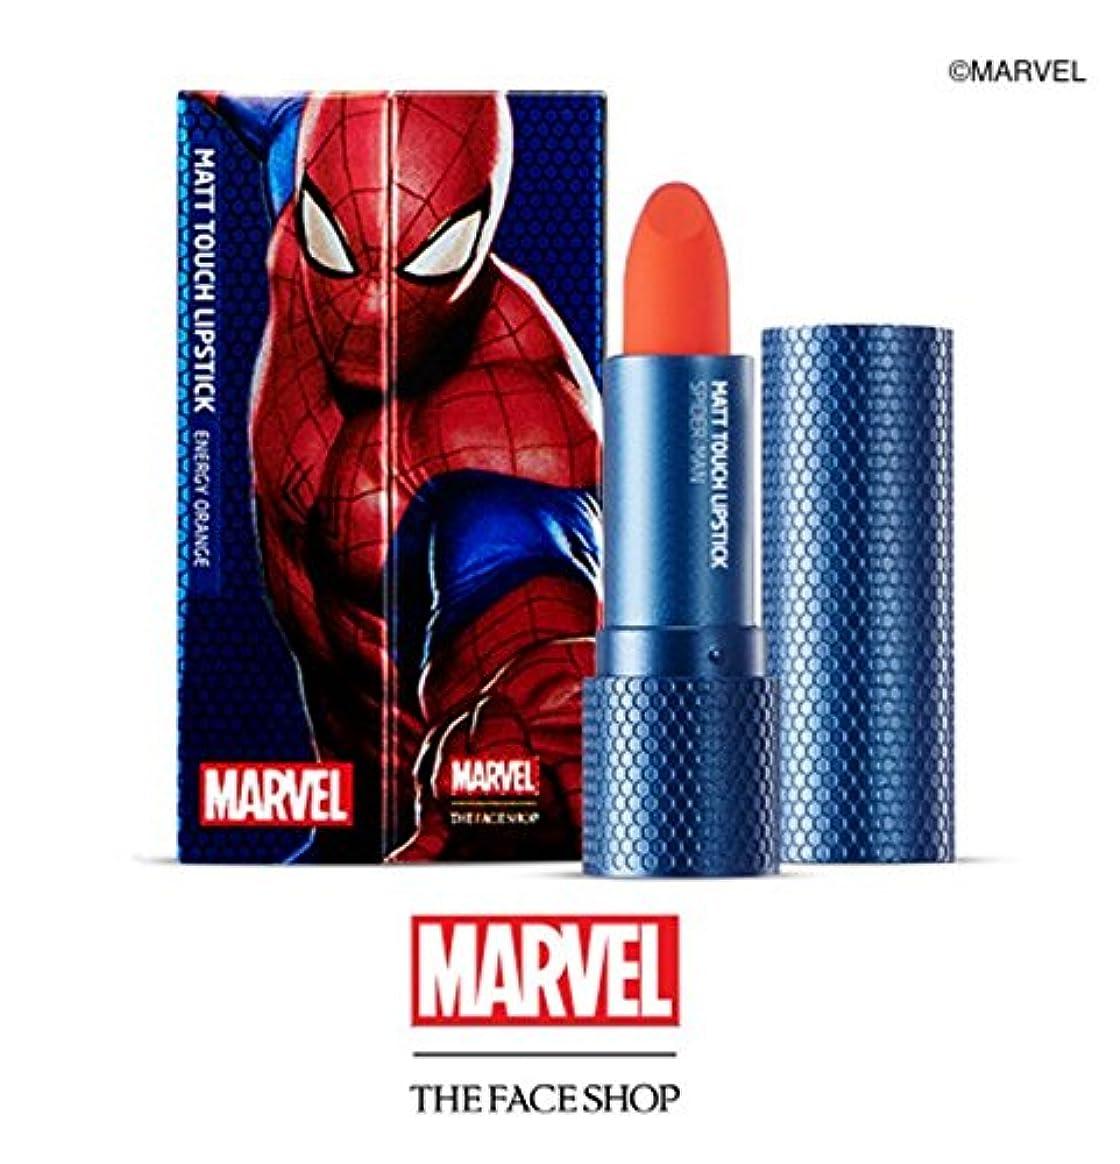 アリ穏やかなモノグラフTHE FACE SHOP マーベル限定版 マット タッチ リップスティック/MARVEL Edition Matt Touch Lipstictk (OR02) [並行輸入品]